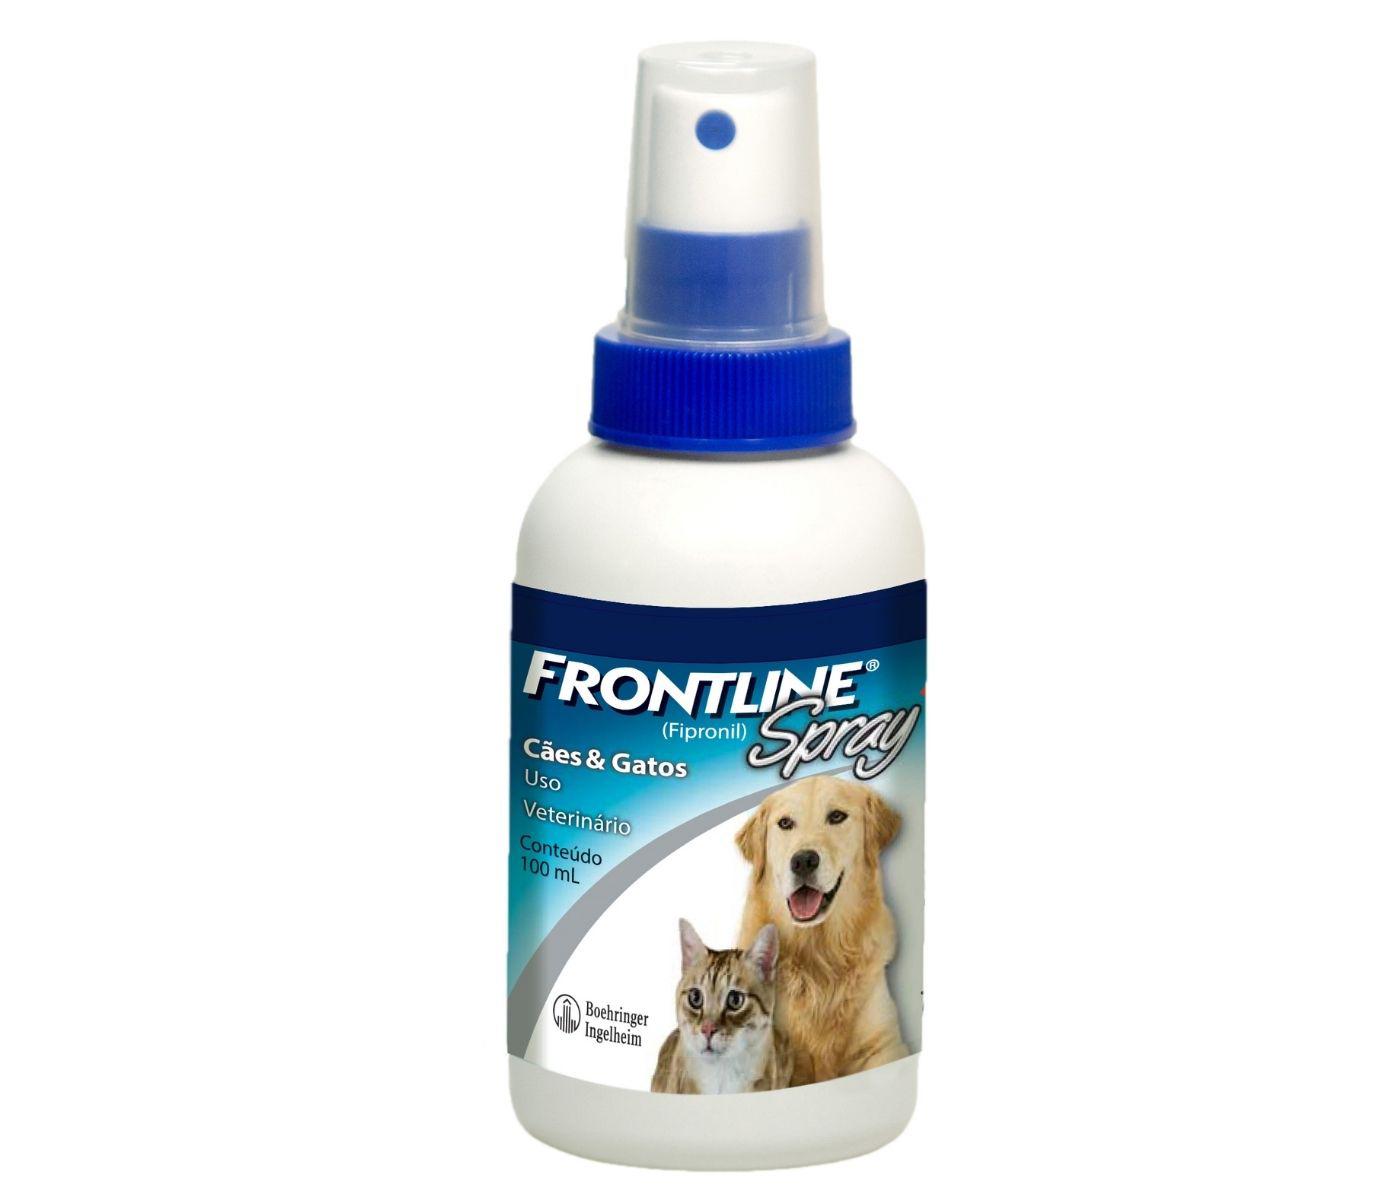 Antipulgas e Carrapatos Frontline Spray Boehringer para Cães e Gatos - 100ml